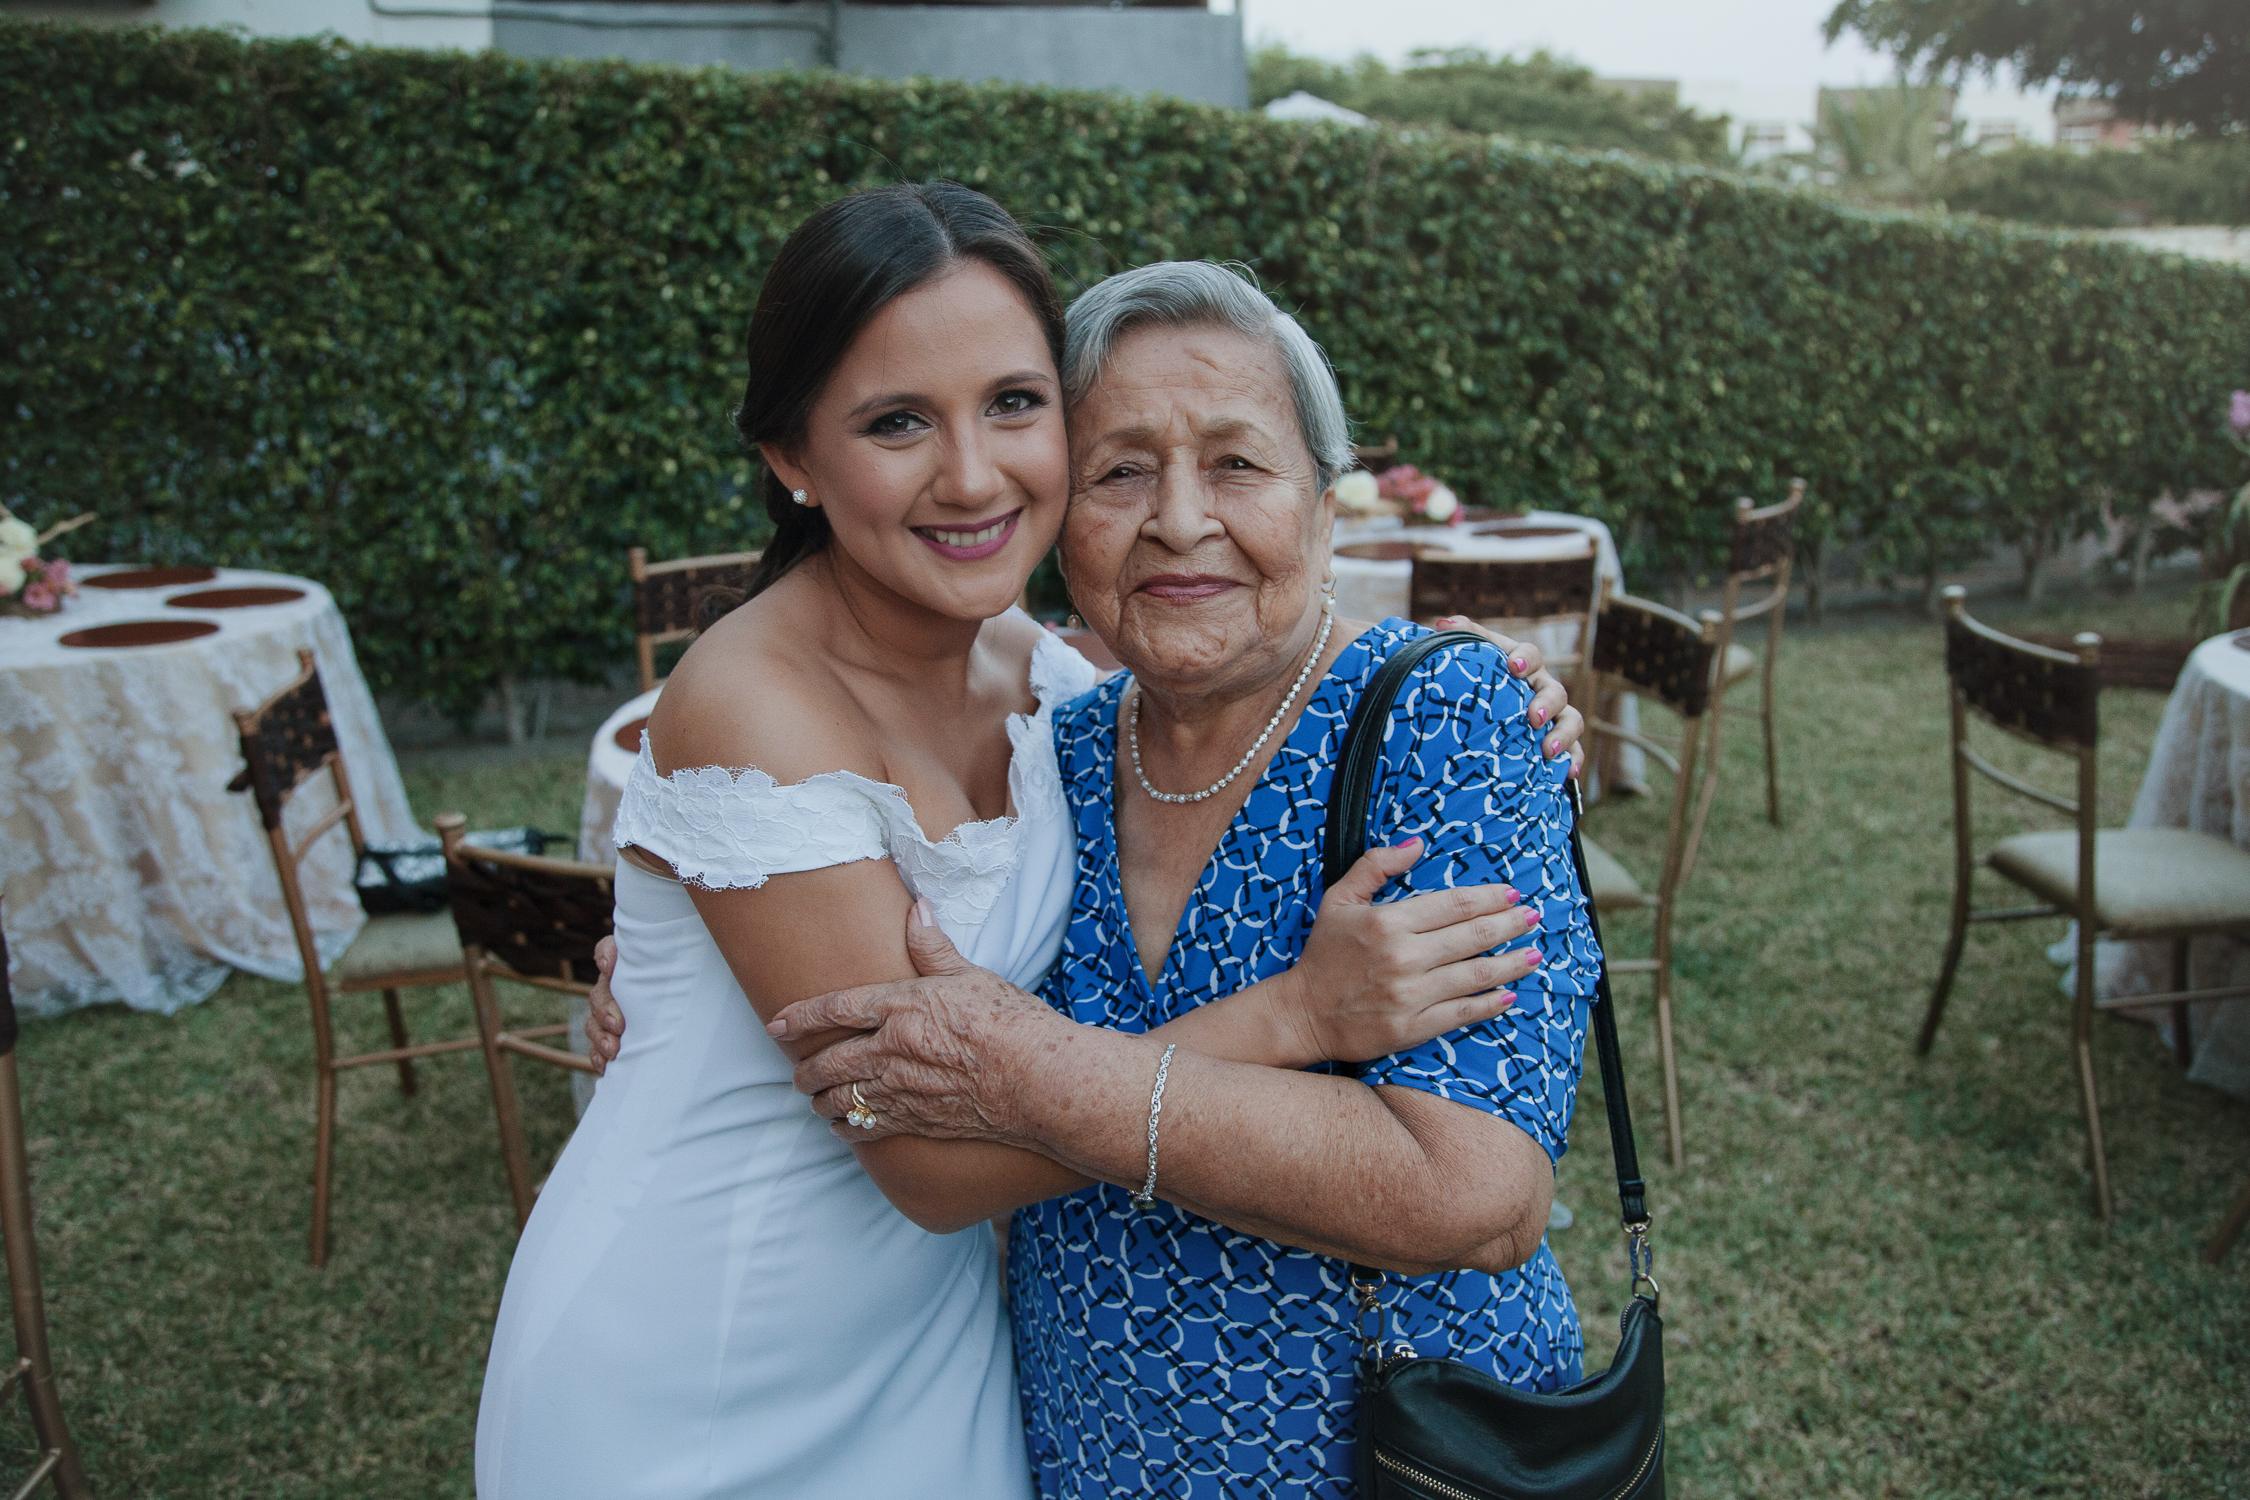 Michelle-Agurto-Fotografia-Bodas-Ecuador-Destination-Wedding-Photographer-Adriana-Allan-14.JPG